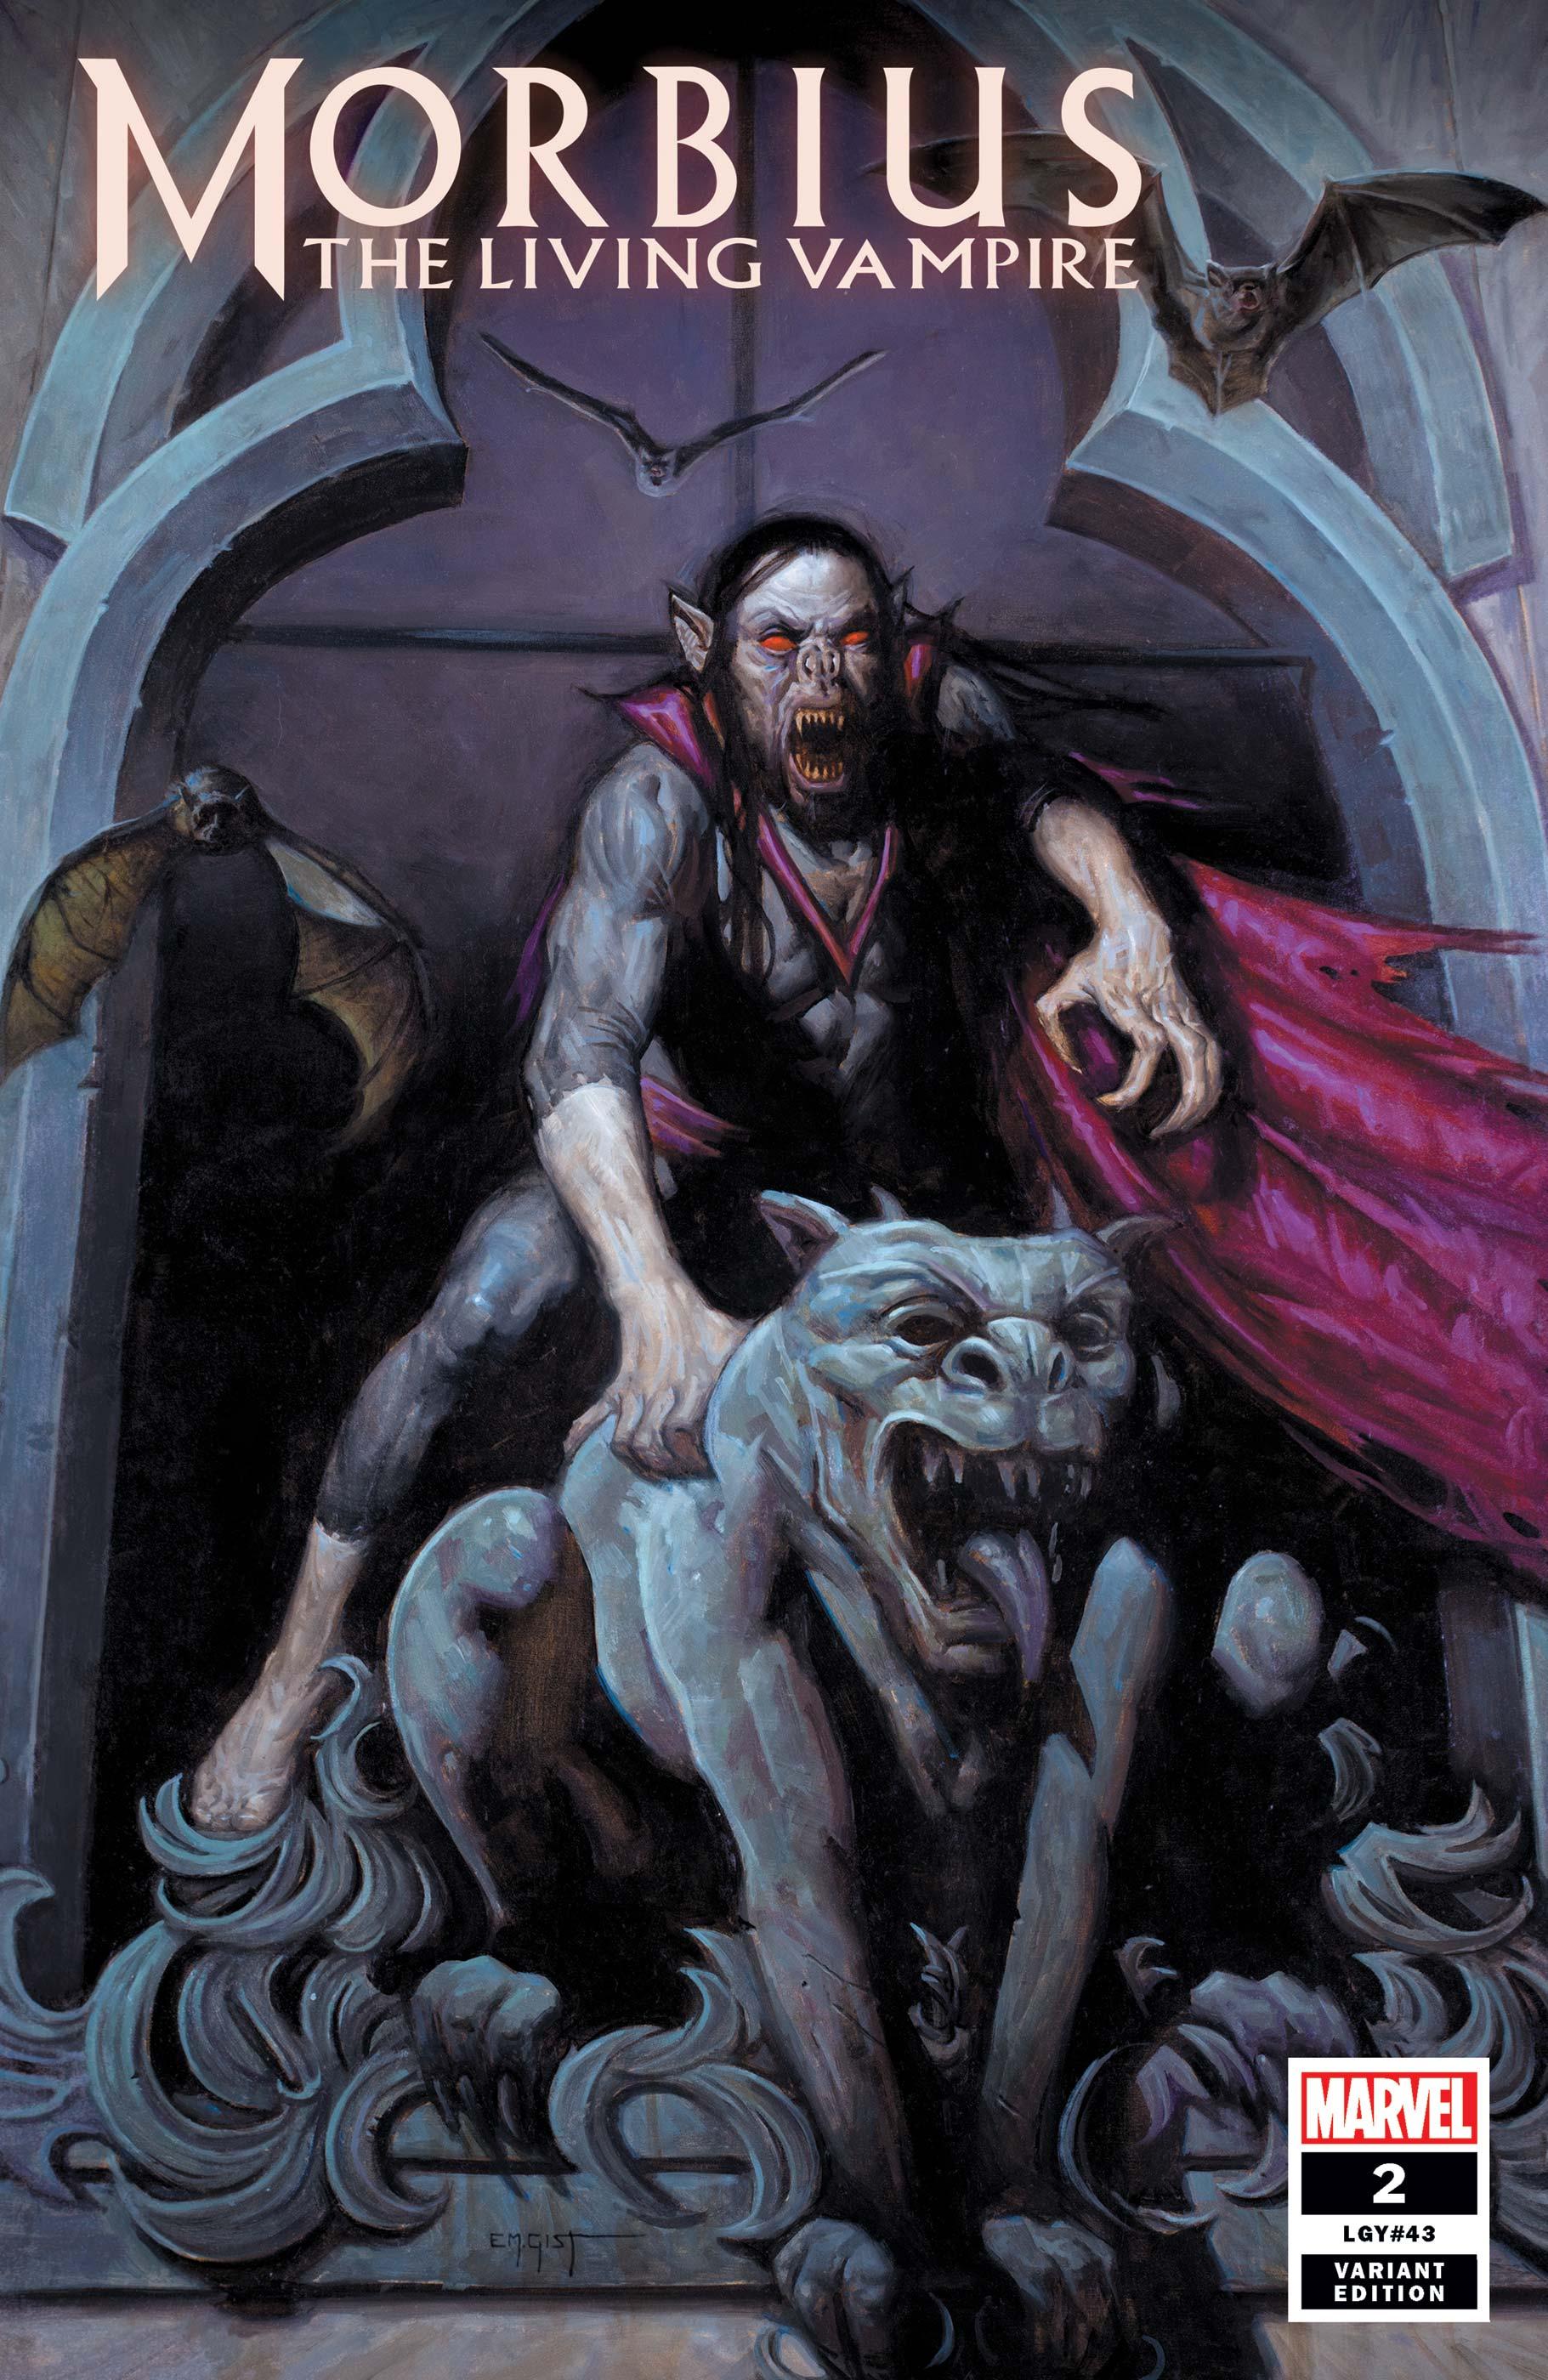 Morbius (2019) #2 (Variant)